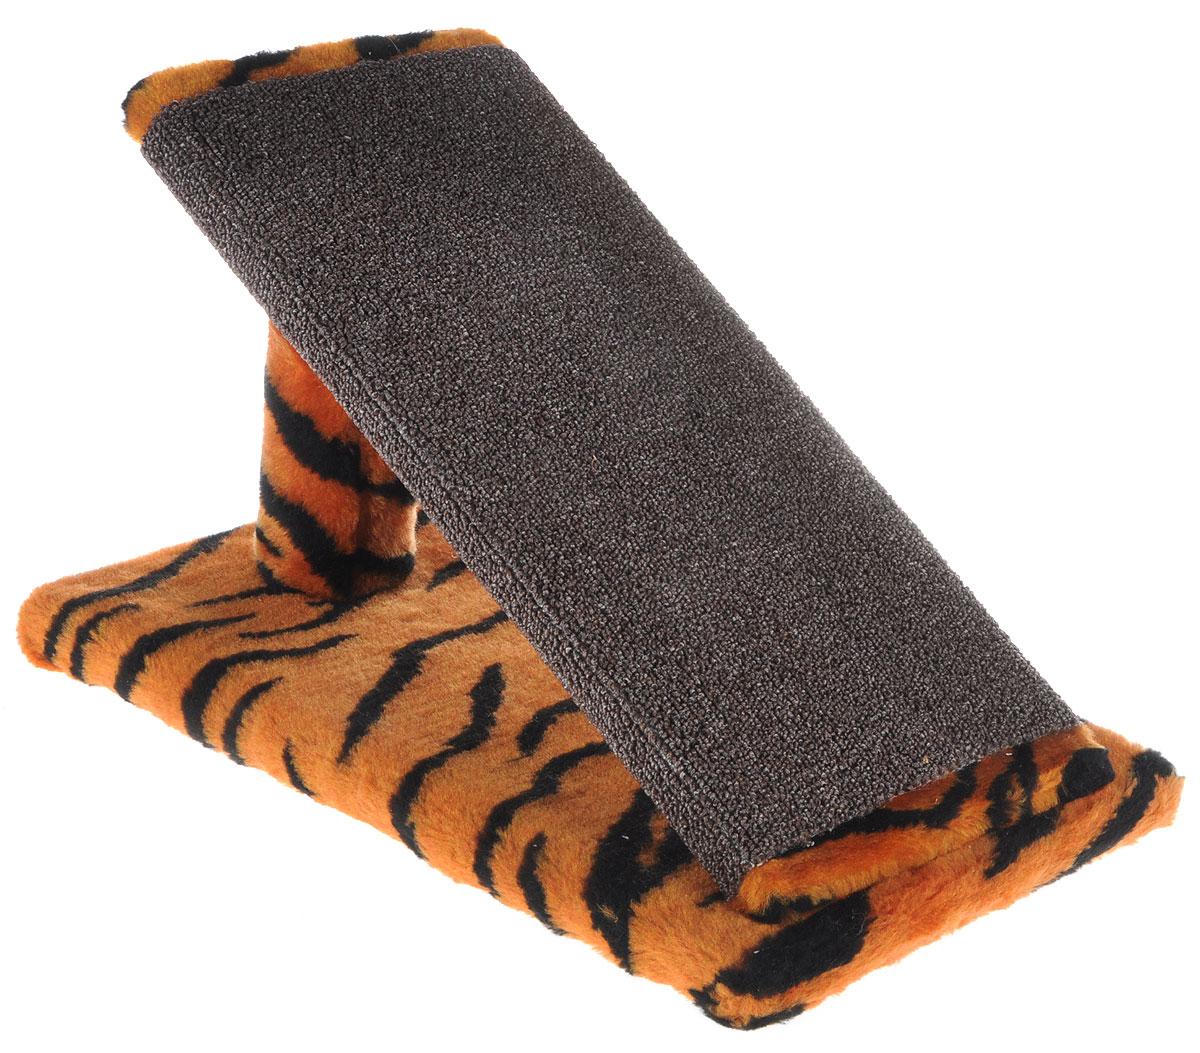 Когтеточка для котят Меридиан Горка, цвет: оранжевый, черный, коричневый, 45 х 25 х 25 смК103К ТКогтеточка Меридиан Горка предназначена для стачивания когтей вашего котенка и предотвращения их врастания. Она выполнена из ДВП, ДСП и искусственного меха. Точатся когти о накладку из ковролина. Когтеточка позволяет сохранить неповрежденными мебель и другие предметы интерьера.